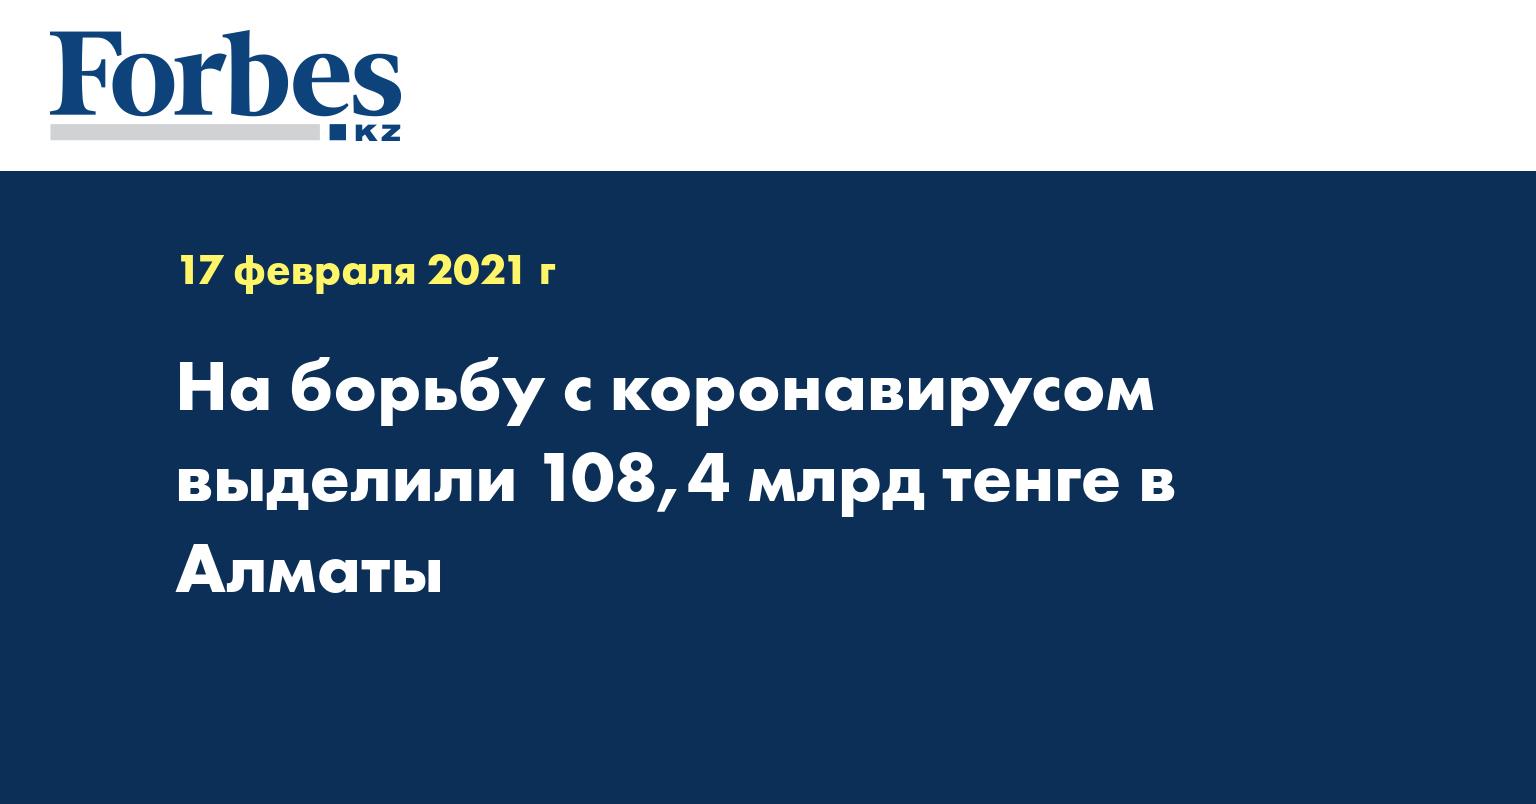 На борьбу с коронавирусом выделили 108,4 млрд тенге в Алматы